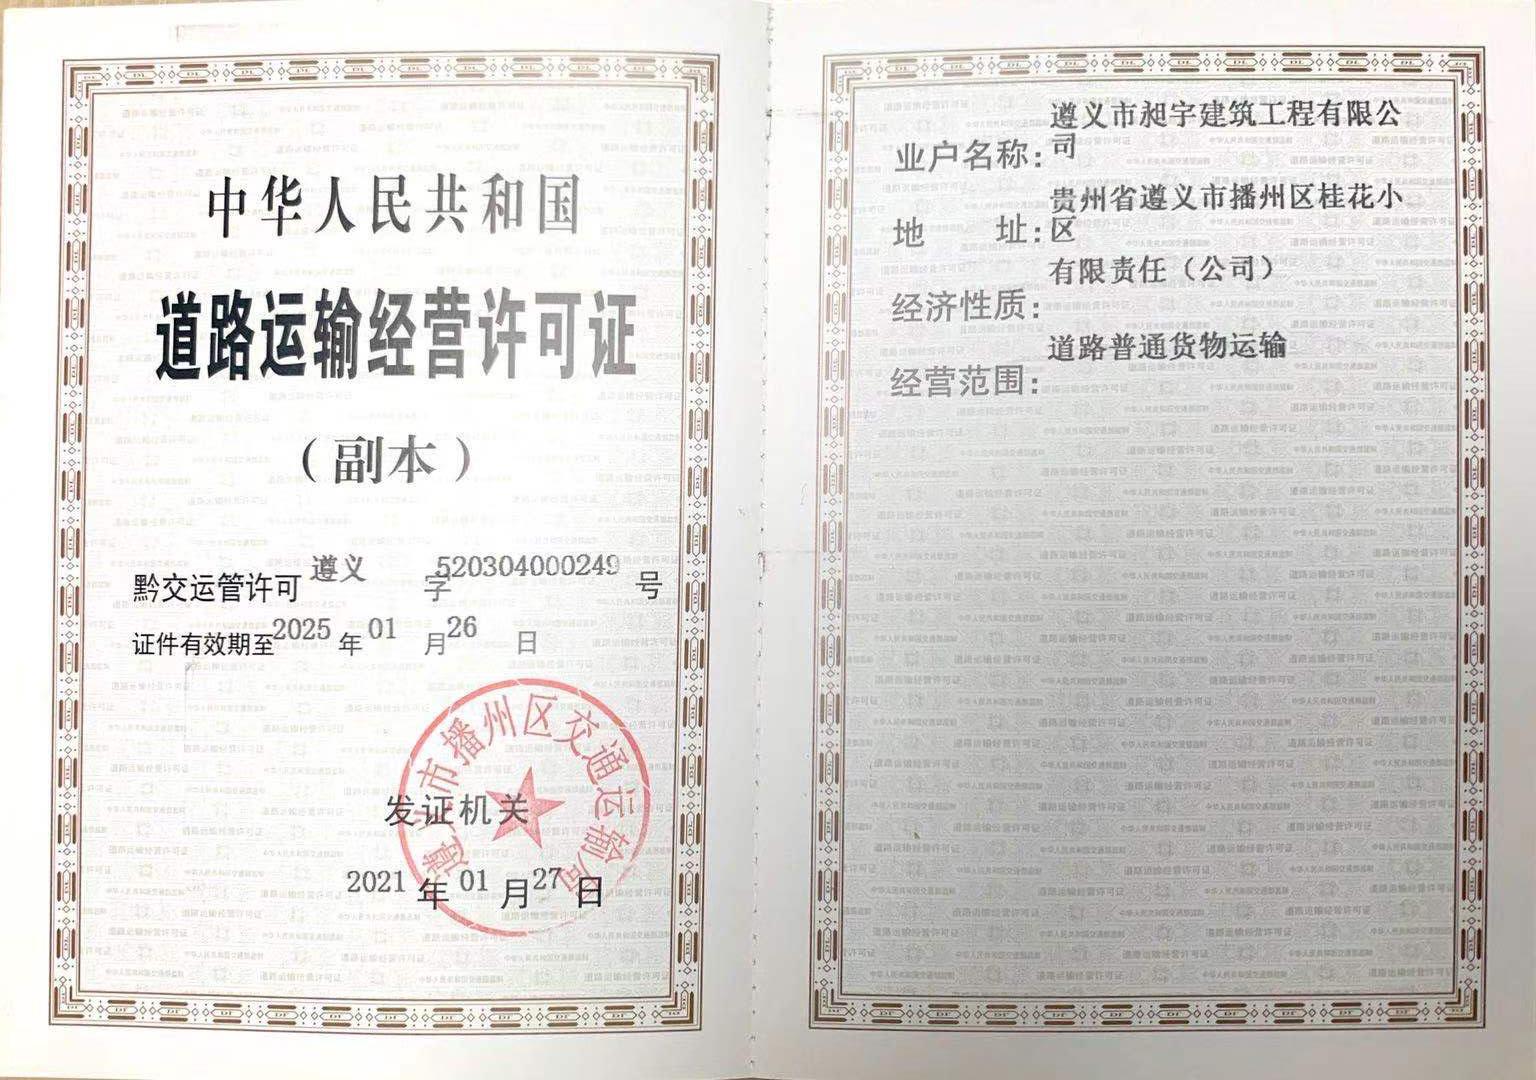 道路運輸經營許可證(副本)